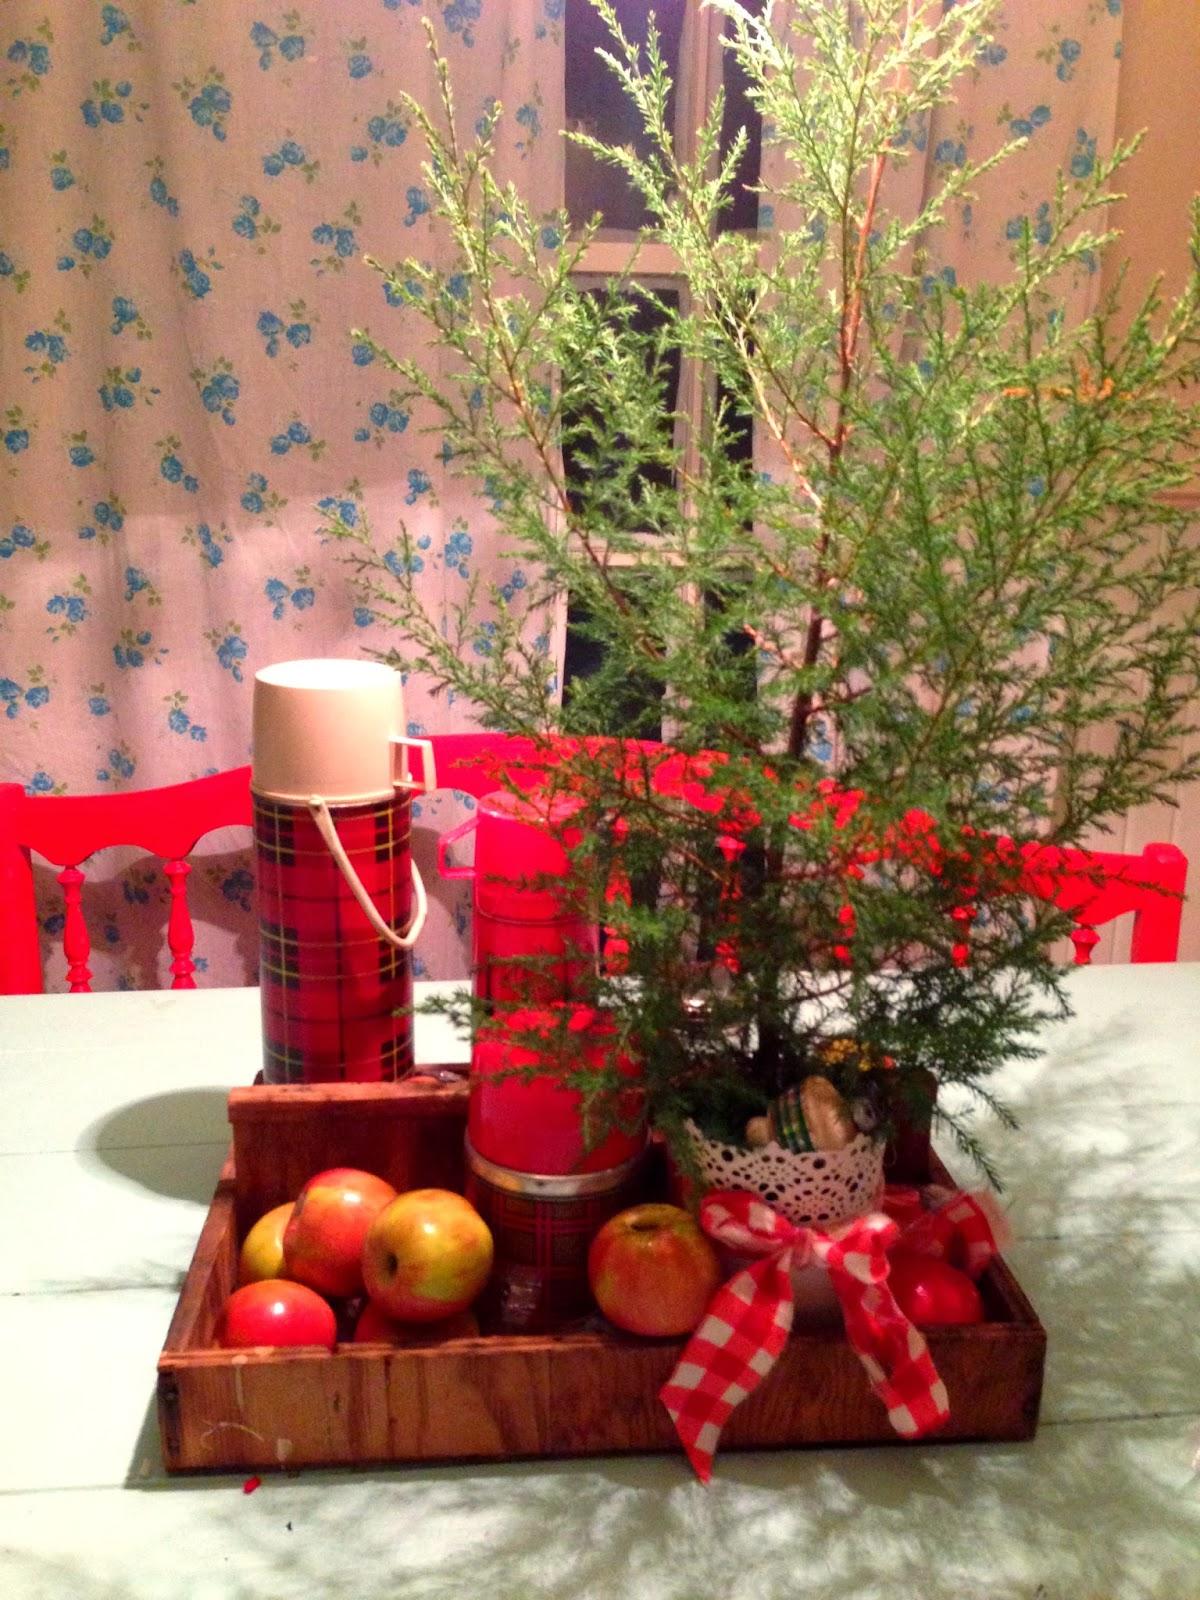 Making-Do Christmas